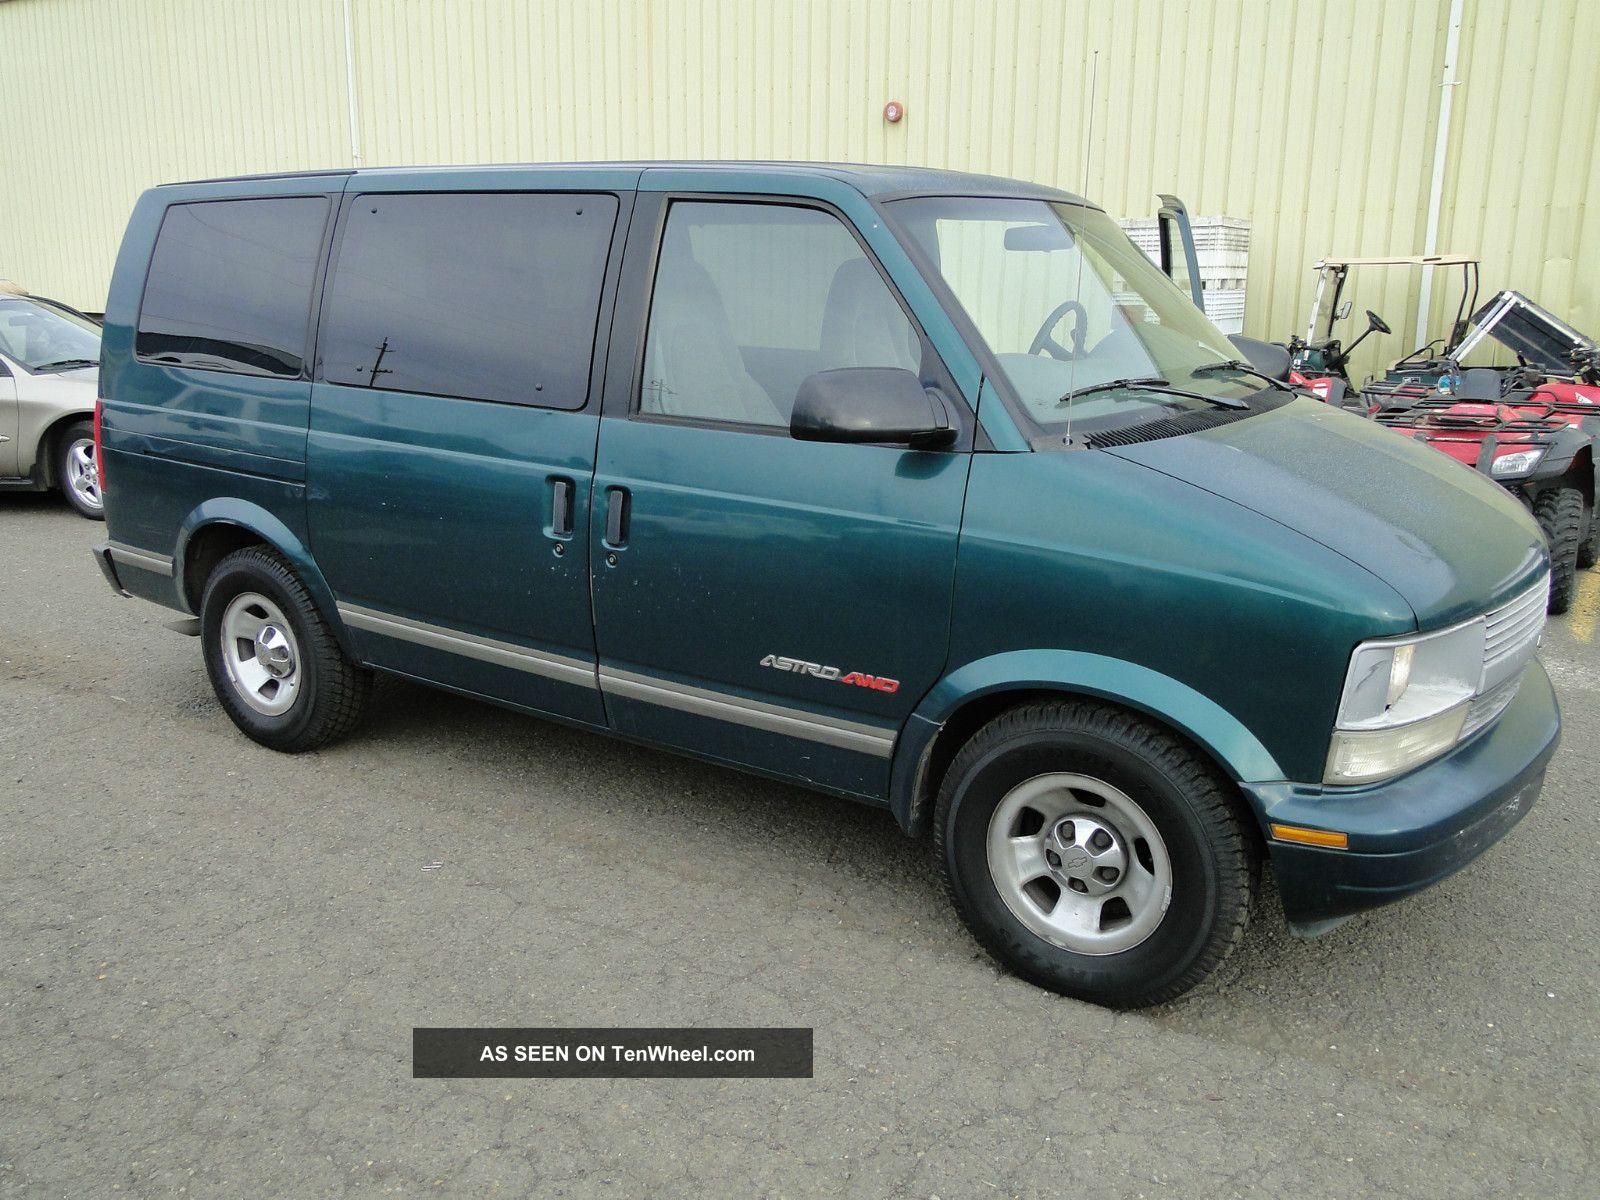 1998 Chevrolet Astro #11 Chevrolet Astro #11